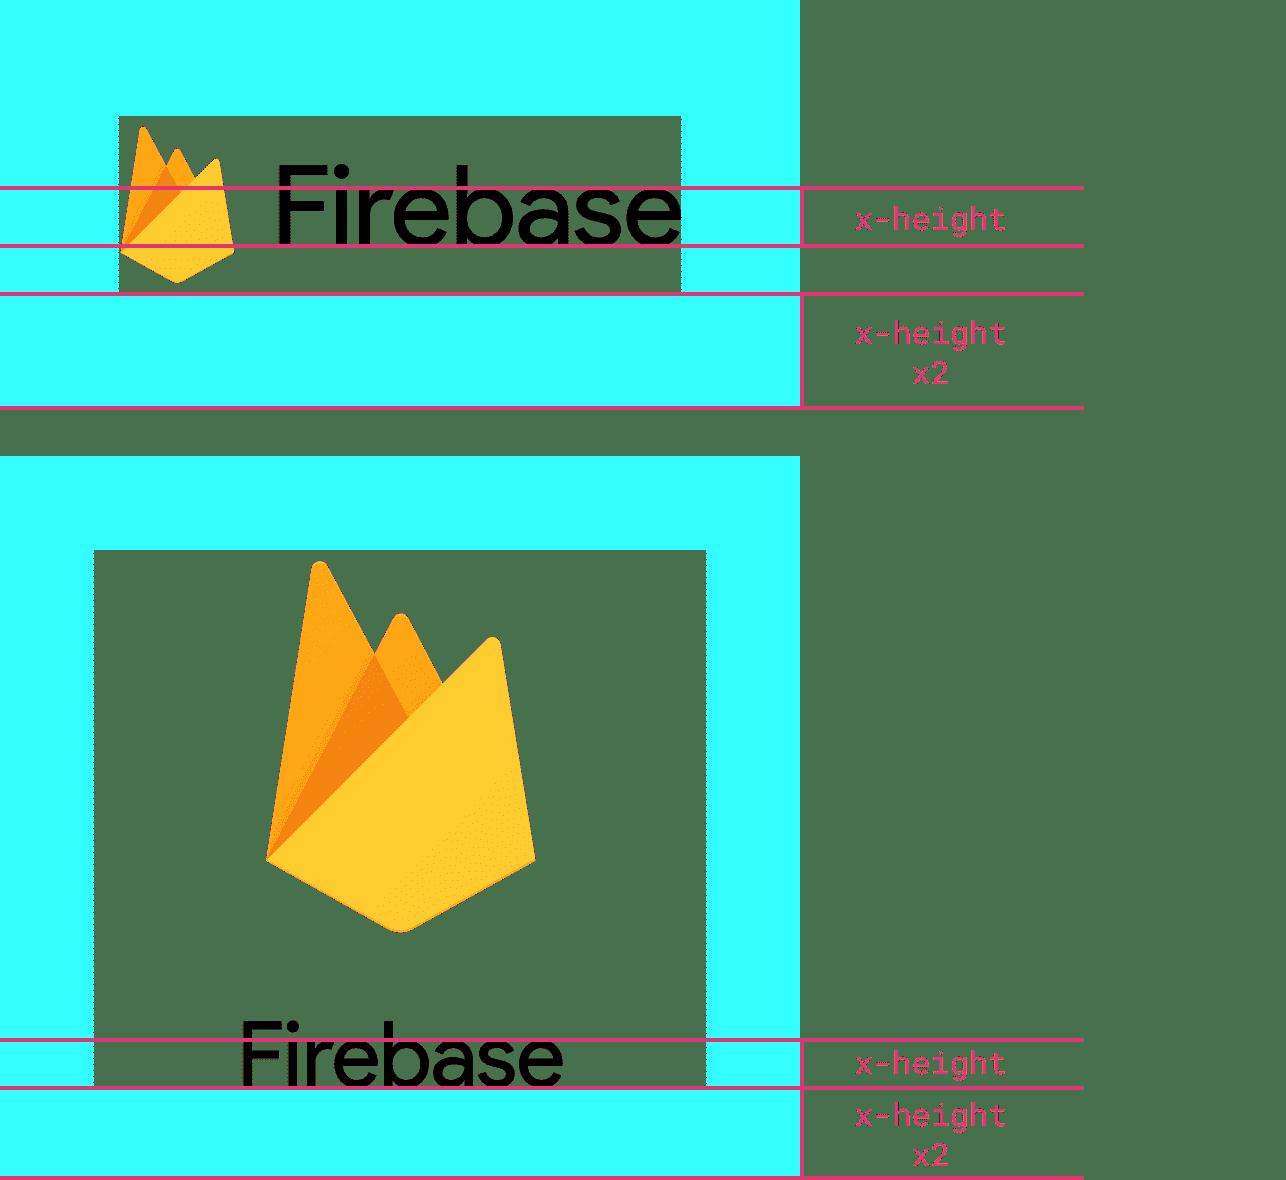 דוגמאות לוגו של Firebase עם גובה הלוגו כפול לפחות